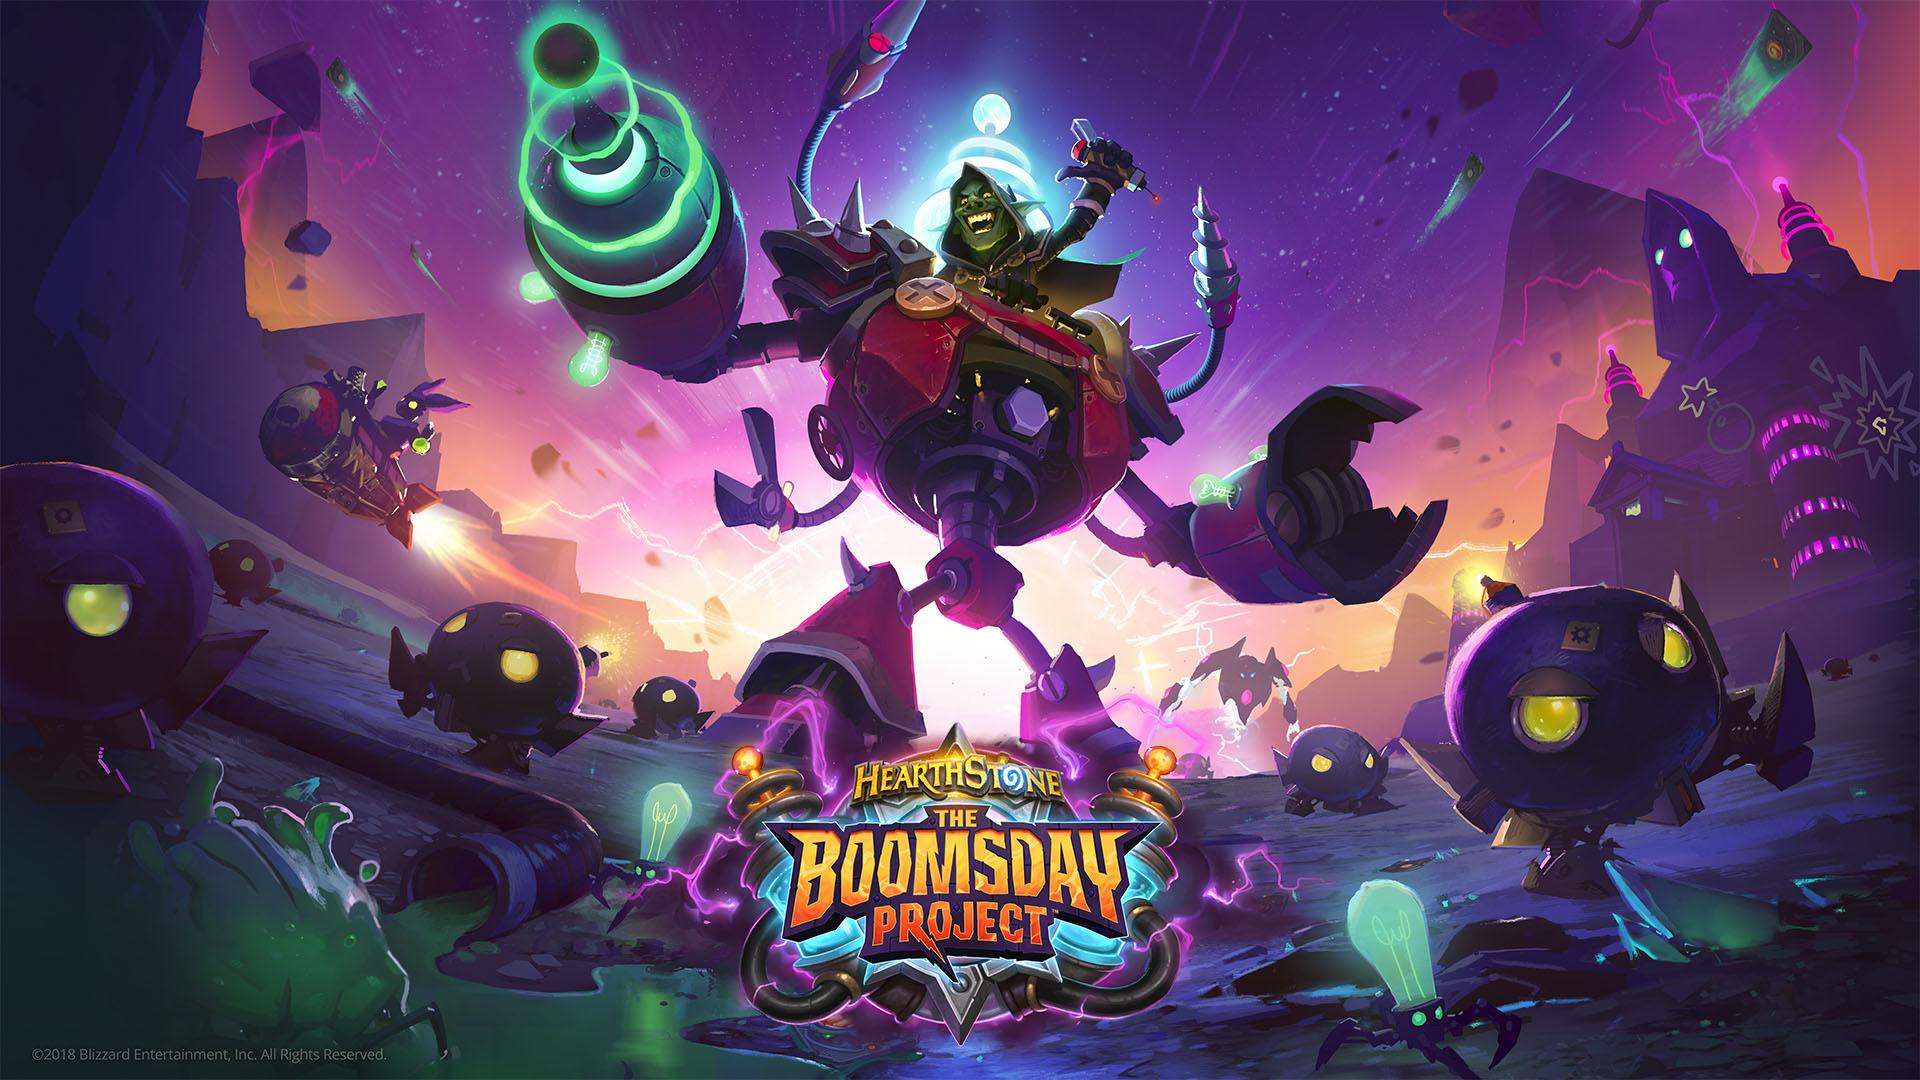 the-boomsday-project_wallpaper1920x1080-d61c1086d8151074348d5dfda769a6ca01ca4a625c8cb401f27facfa3ff4be440245f28296a790ccec283fbc75caabcd10fee06b124eb9963c117b5f1a6ccad8.jpg